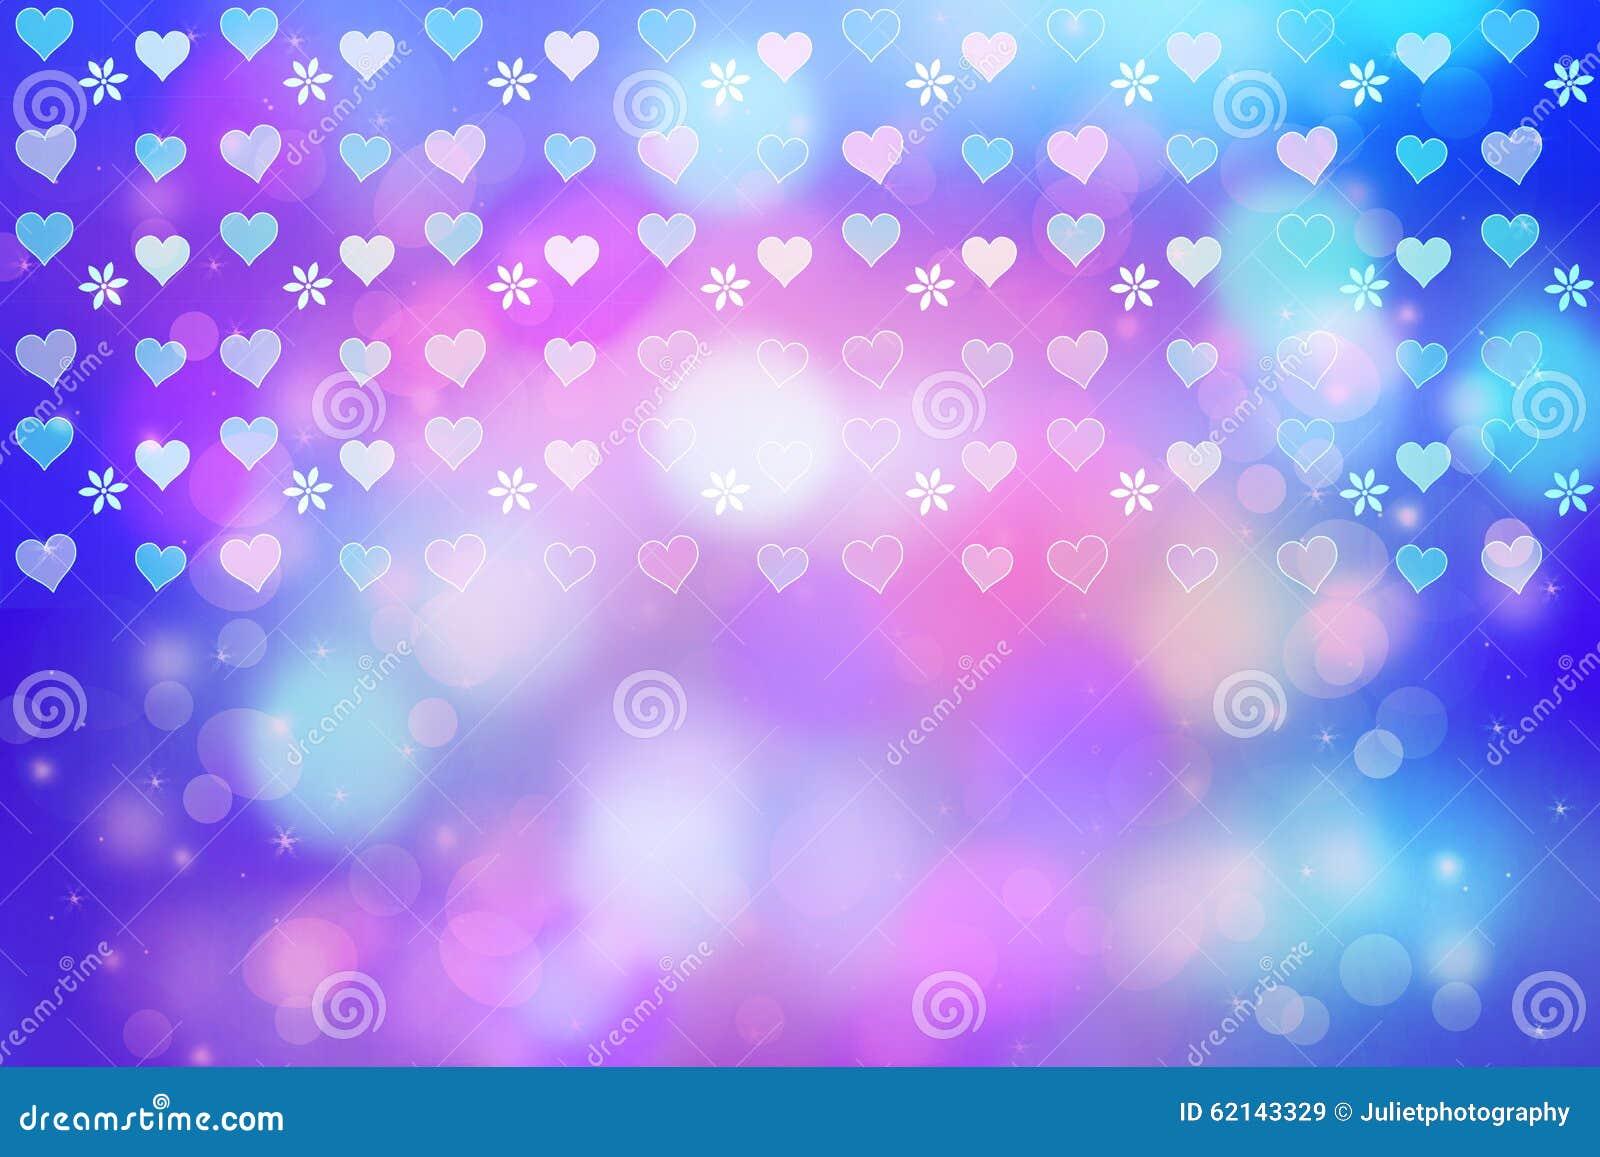 Fondo abstracto art stico con los corazones bonitos stock for Imagenes de fondos bonitos